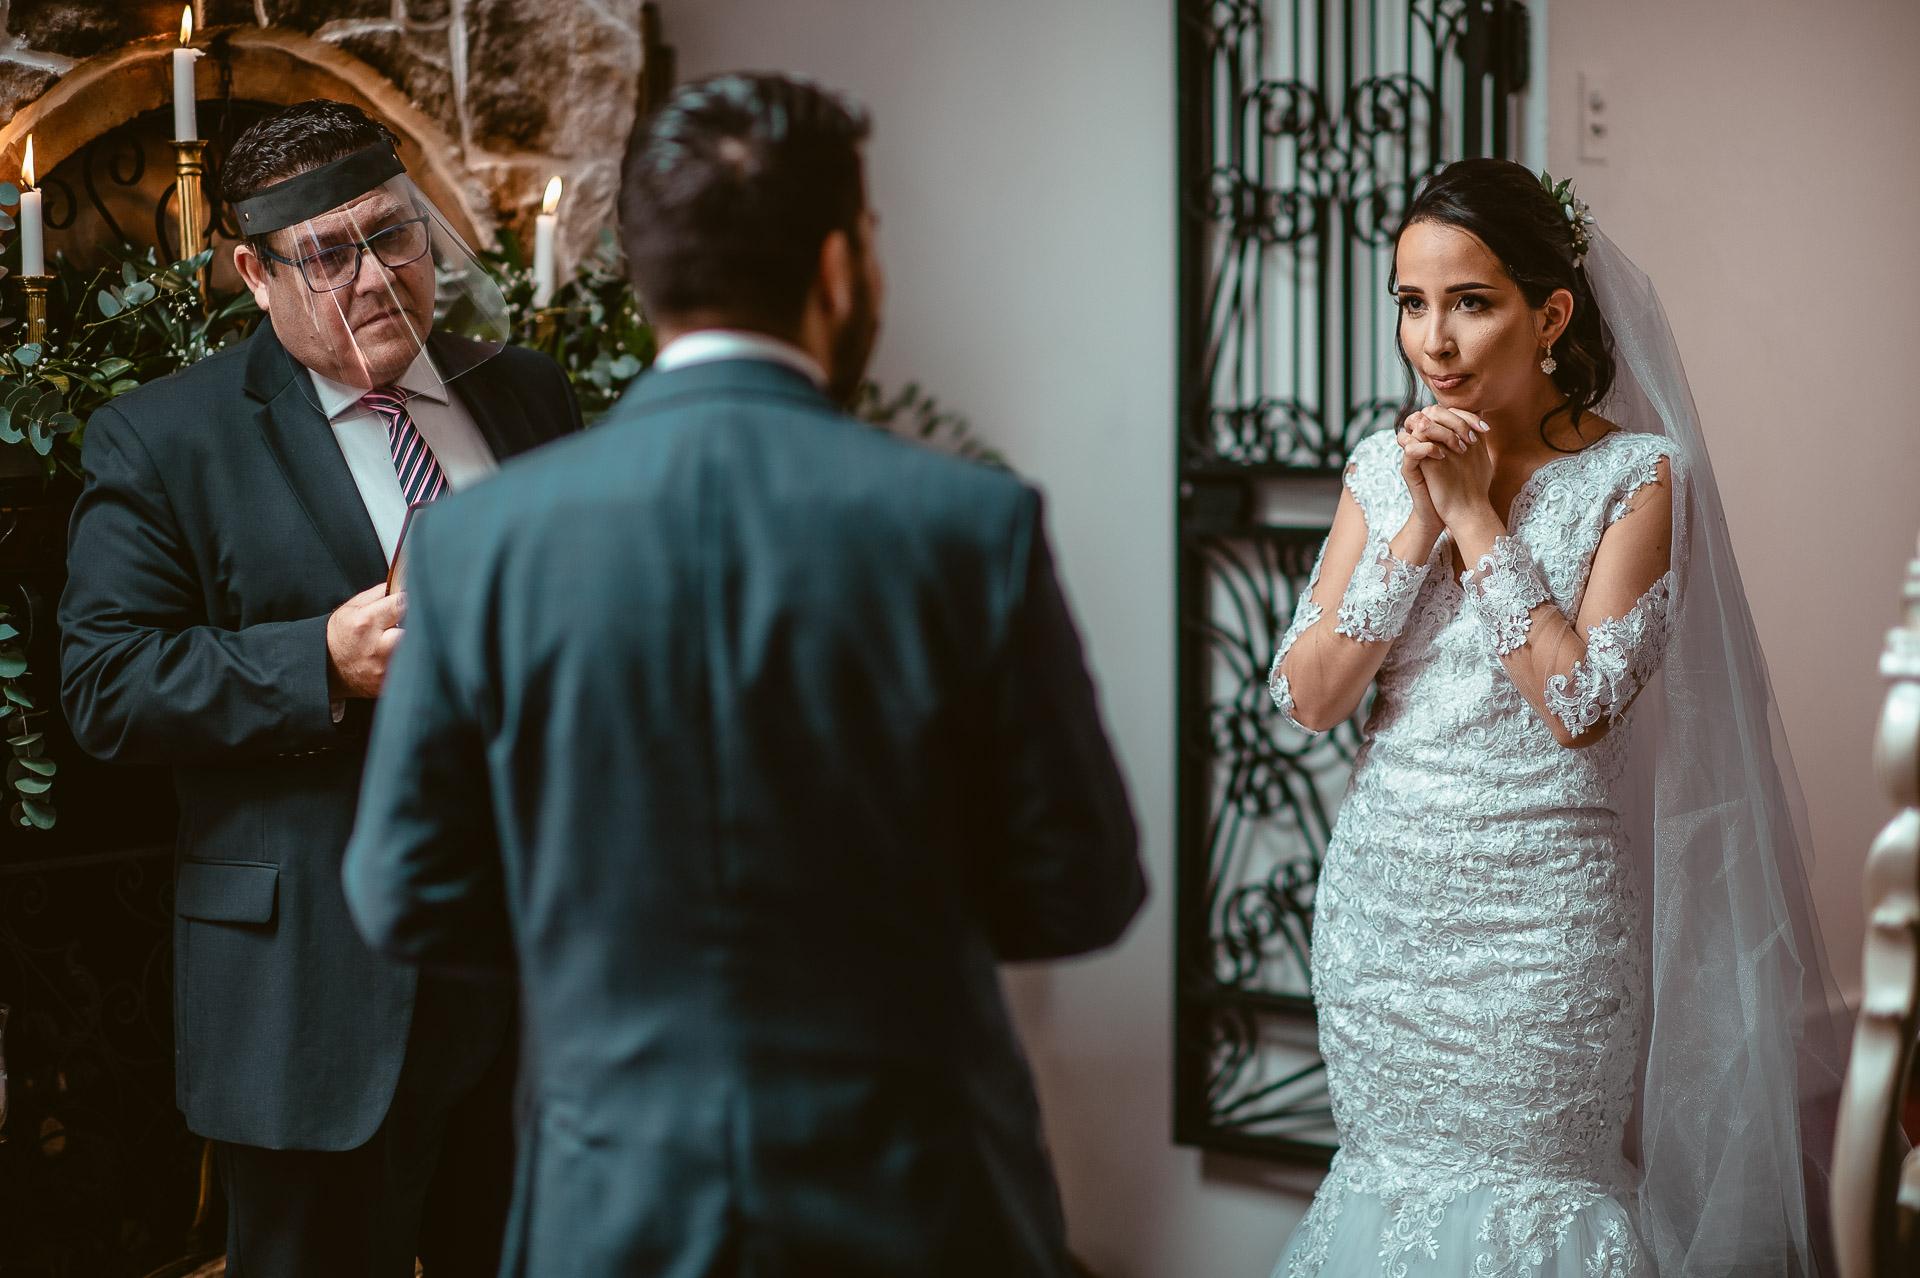 Photographie de mariage à San Isidro | La mariée respire avant de pouvoir commencer à prononcer ses vœux